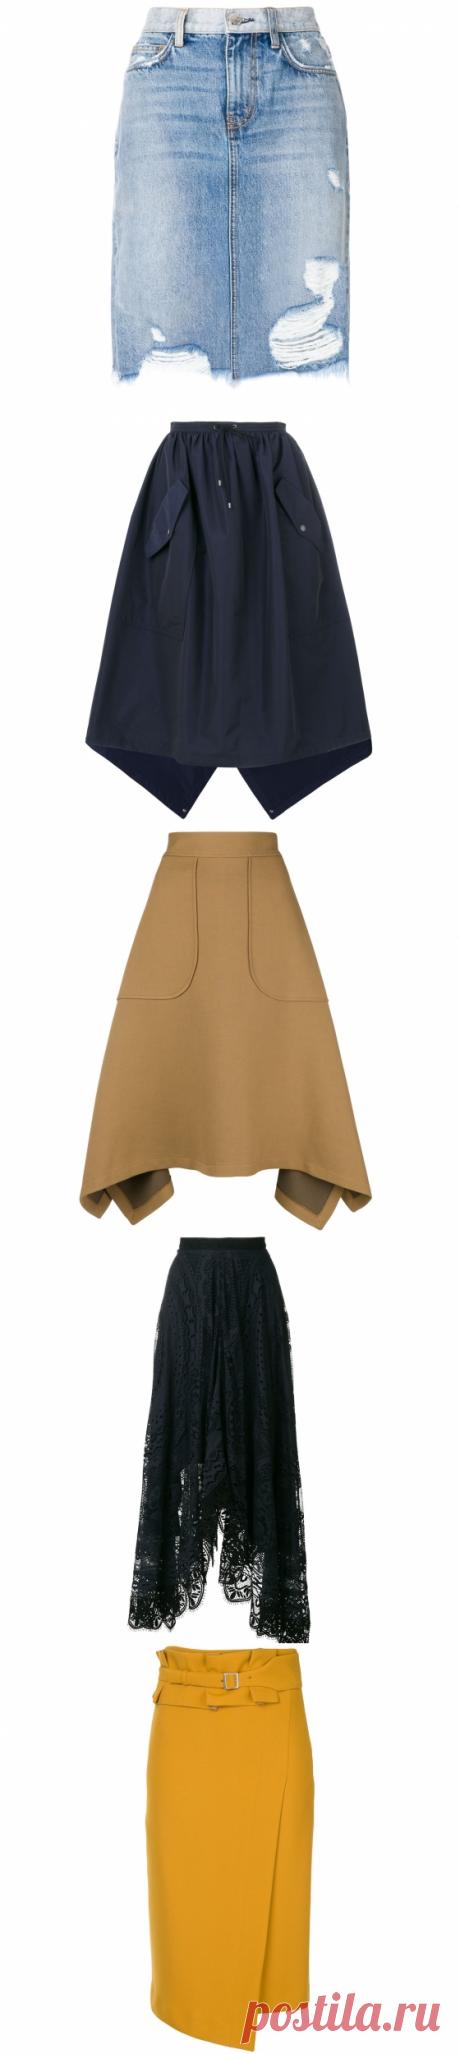 43 юбки на все случаи жизни, в которых вы будете выглядеть потрясающе